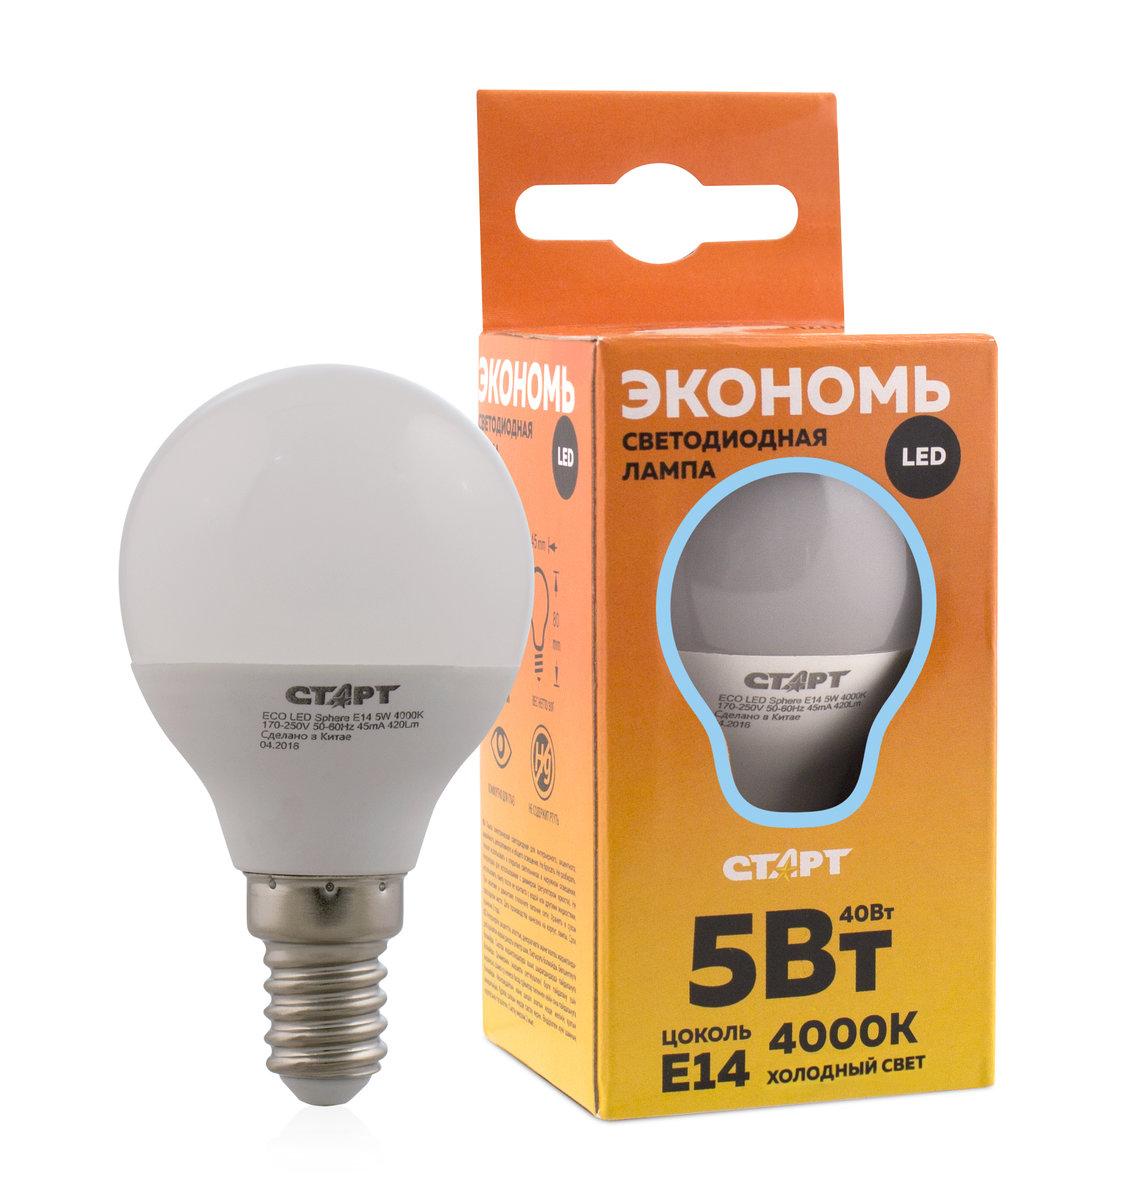 Лампа светодиодная СТАРТ, холодный свет, цоколь E14, 5W11099Светодиодная лампа СТАРТ – это самый энергоэффективный источник света, при этом имеющий рекордный срок службы. Светодиодные лампы – изделия прочные, не боятся падения с высоты человеческого роста, встрясок и вибраций. Лампа не имеет вредных материалов в своем составе, а также в процессе эксплуатации светодиодная лампа не излучает ИК- и УФ-лучи.Мощность, Вт: 5.Световой поток, Лм: 400.Напряжение: 220-240 V.Цоколь: E14.Угол светового пучка: 240°.Цветовая температура, К: 4000.Срок службы, часов: 15000.